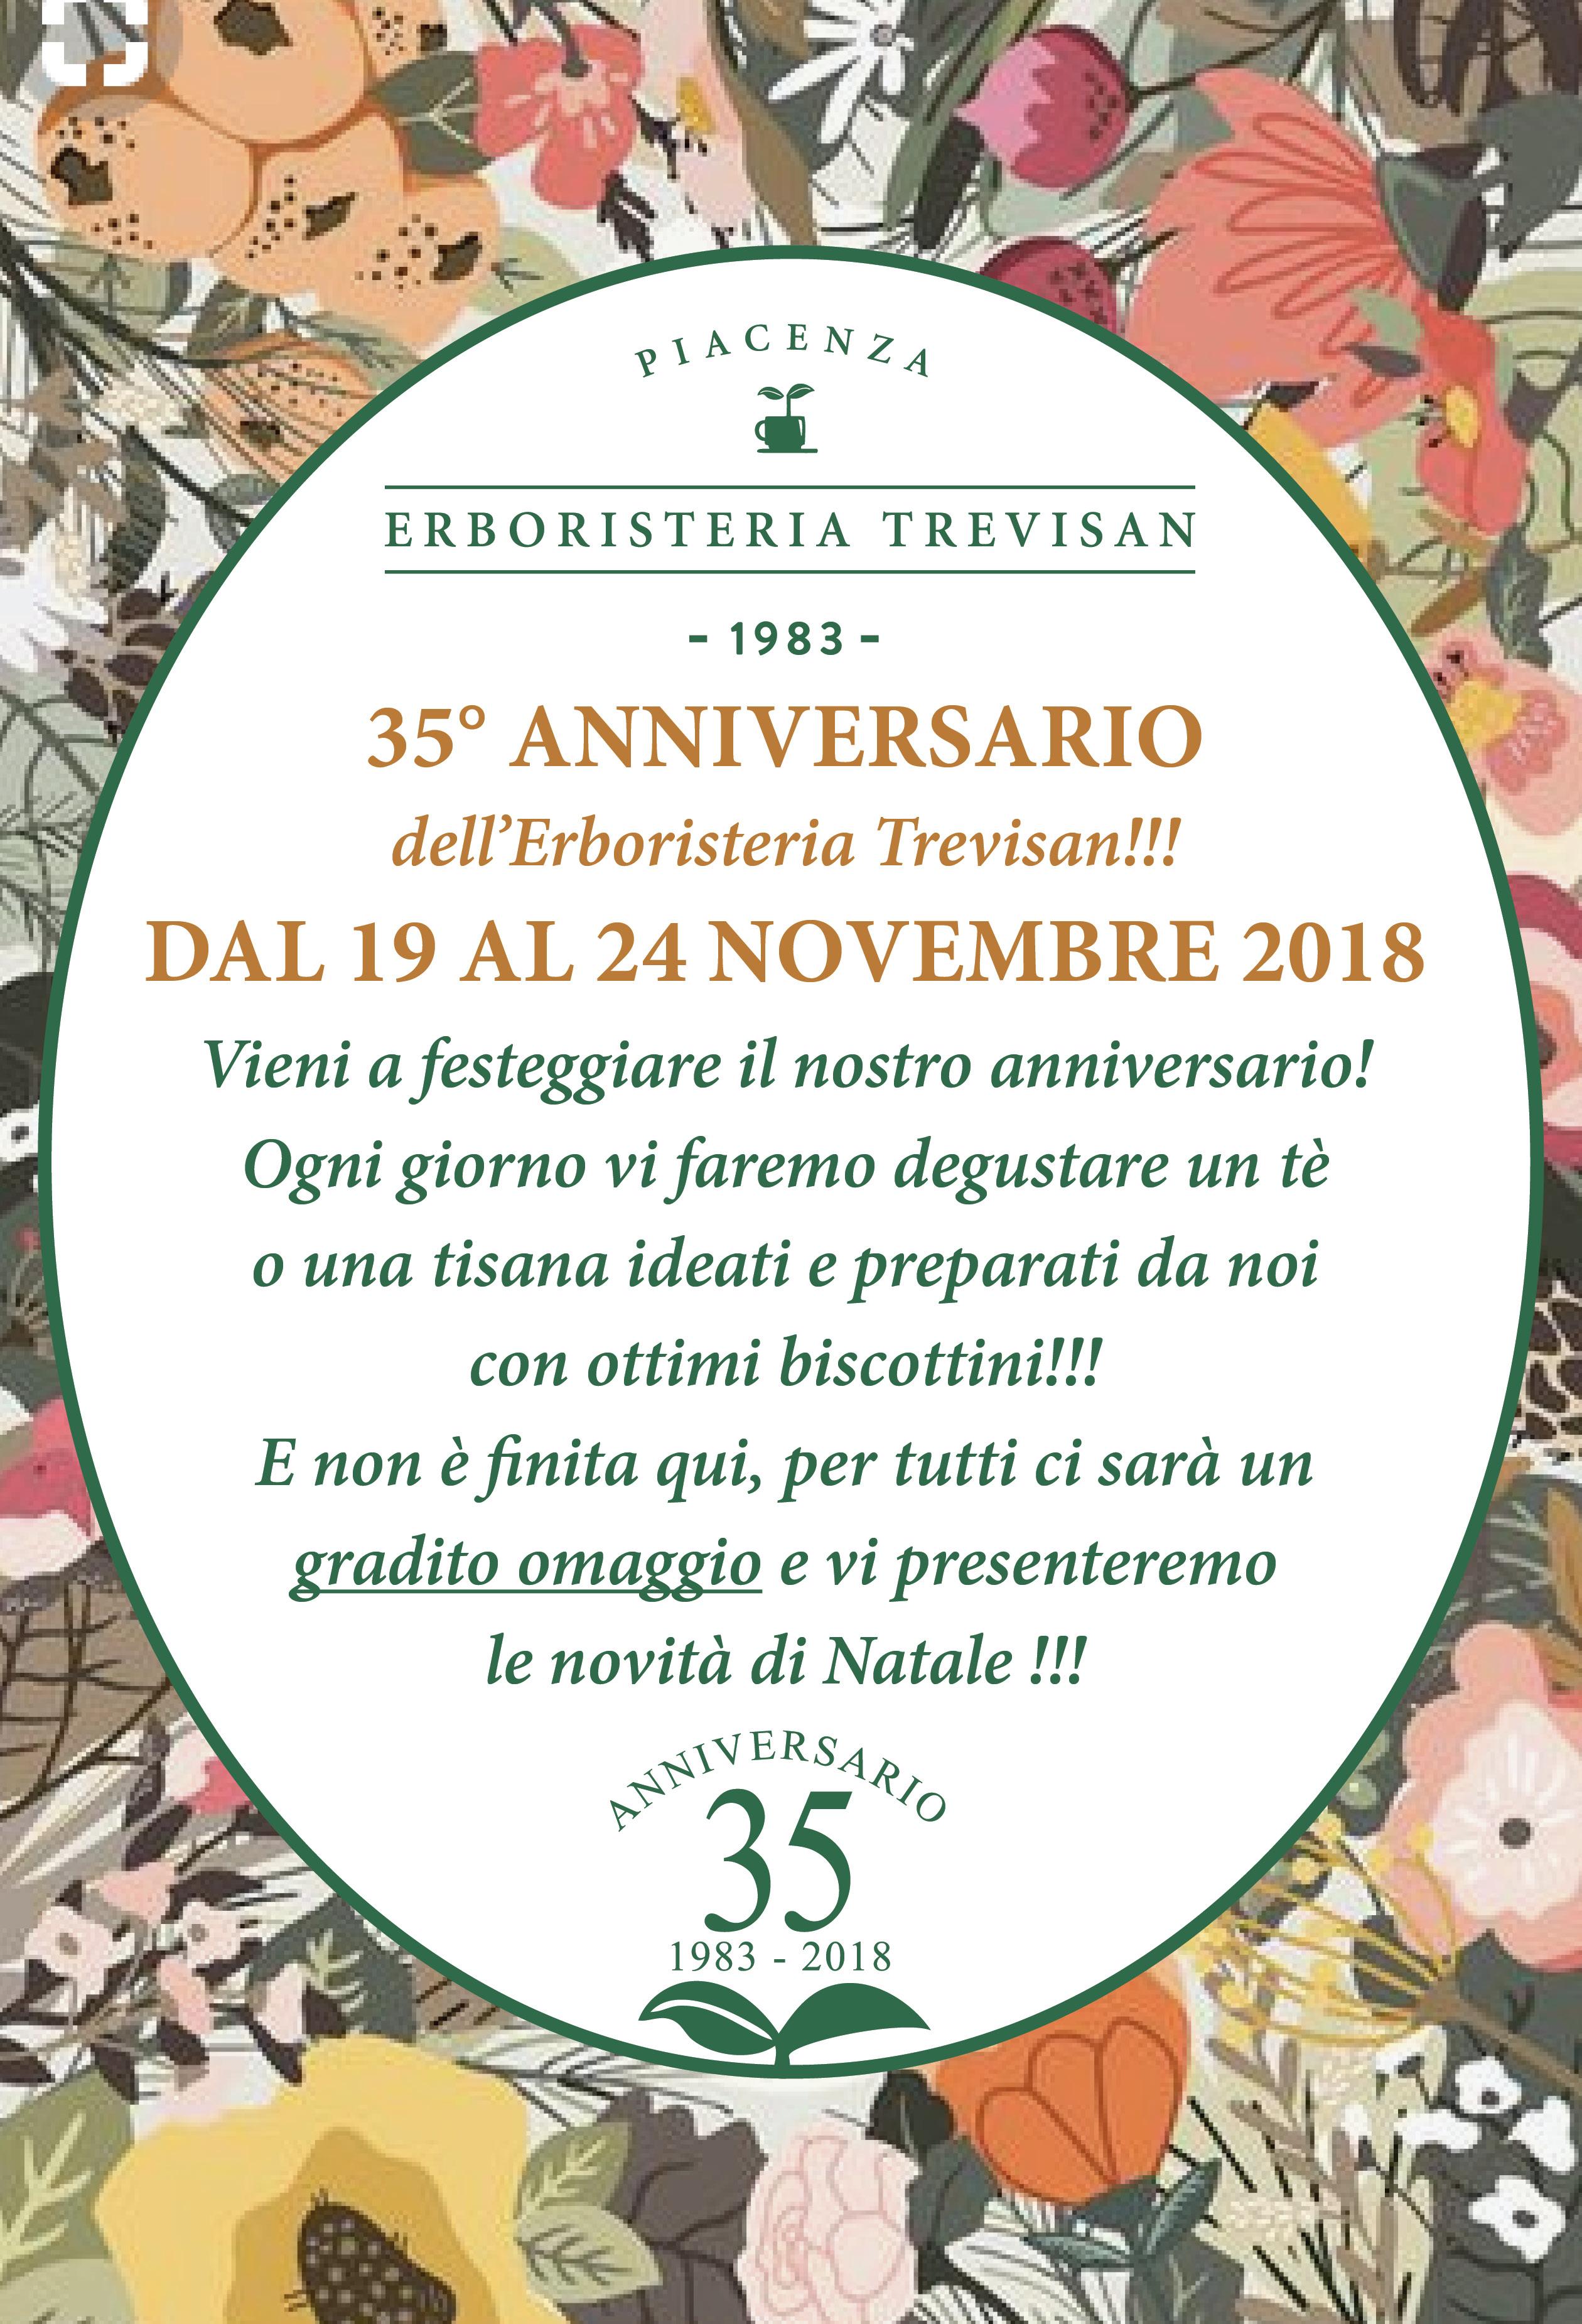 35° ANNIVERSARIO 1983 – 2018